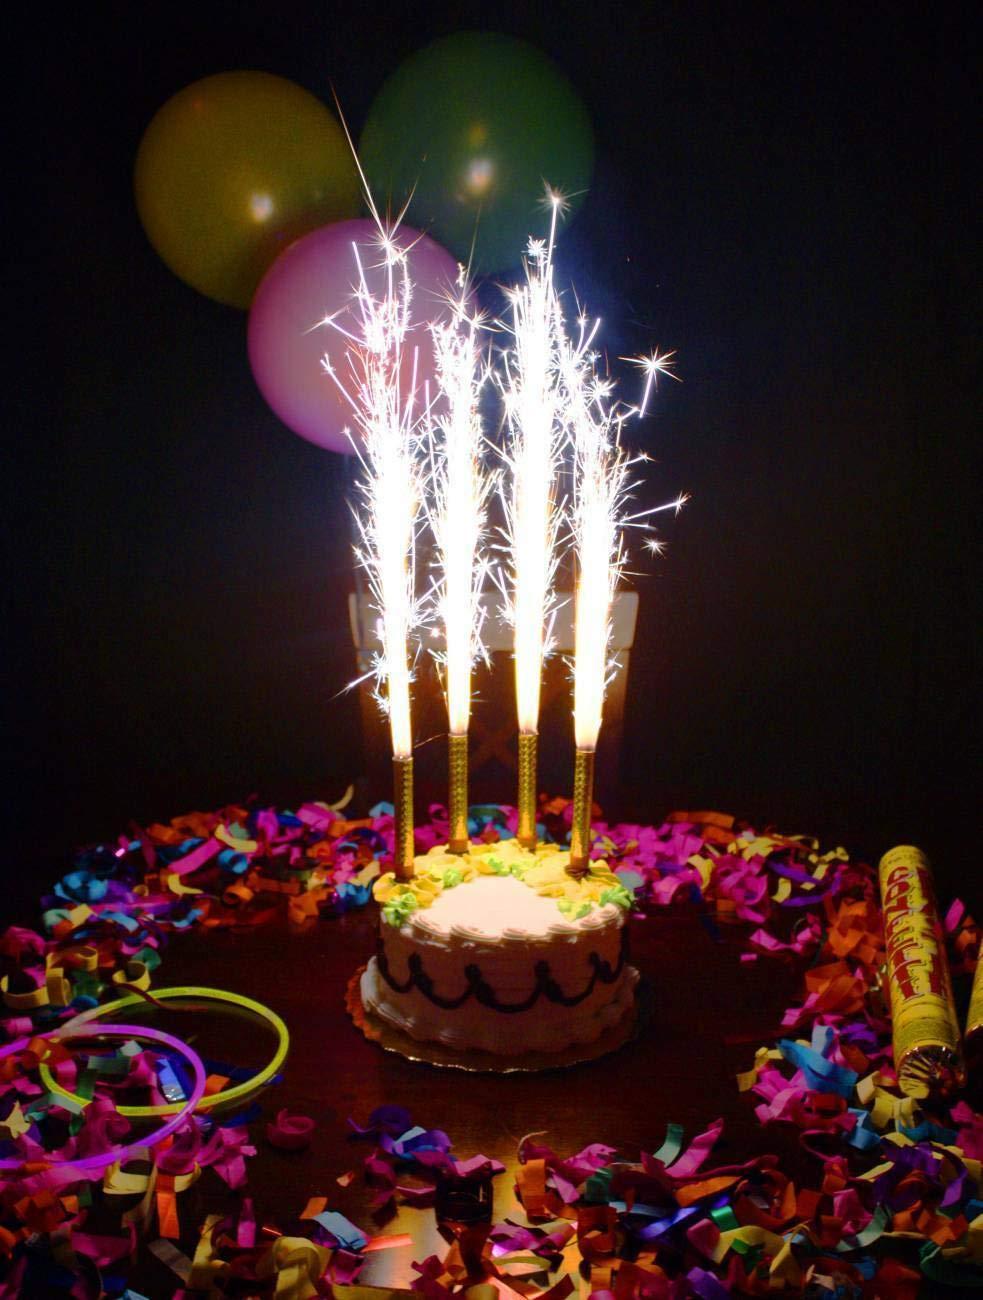 Amazon.com: Velas de cumpleaños para boda, sin humo, 1 ...